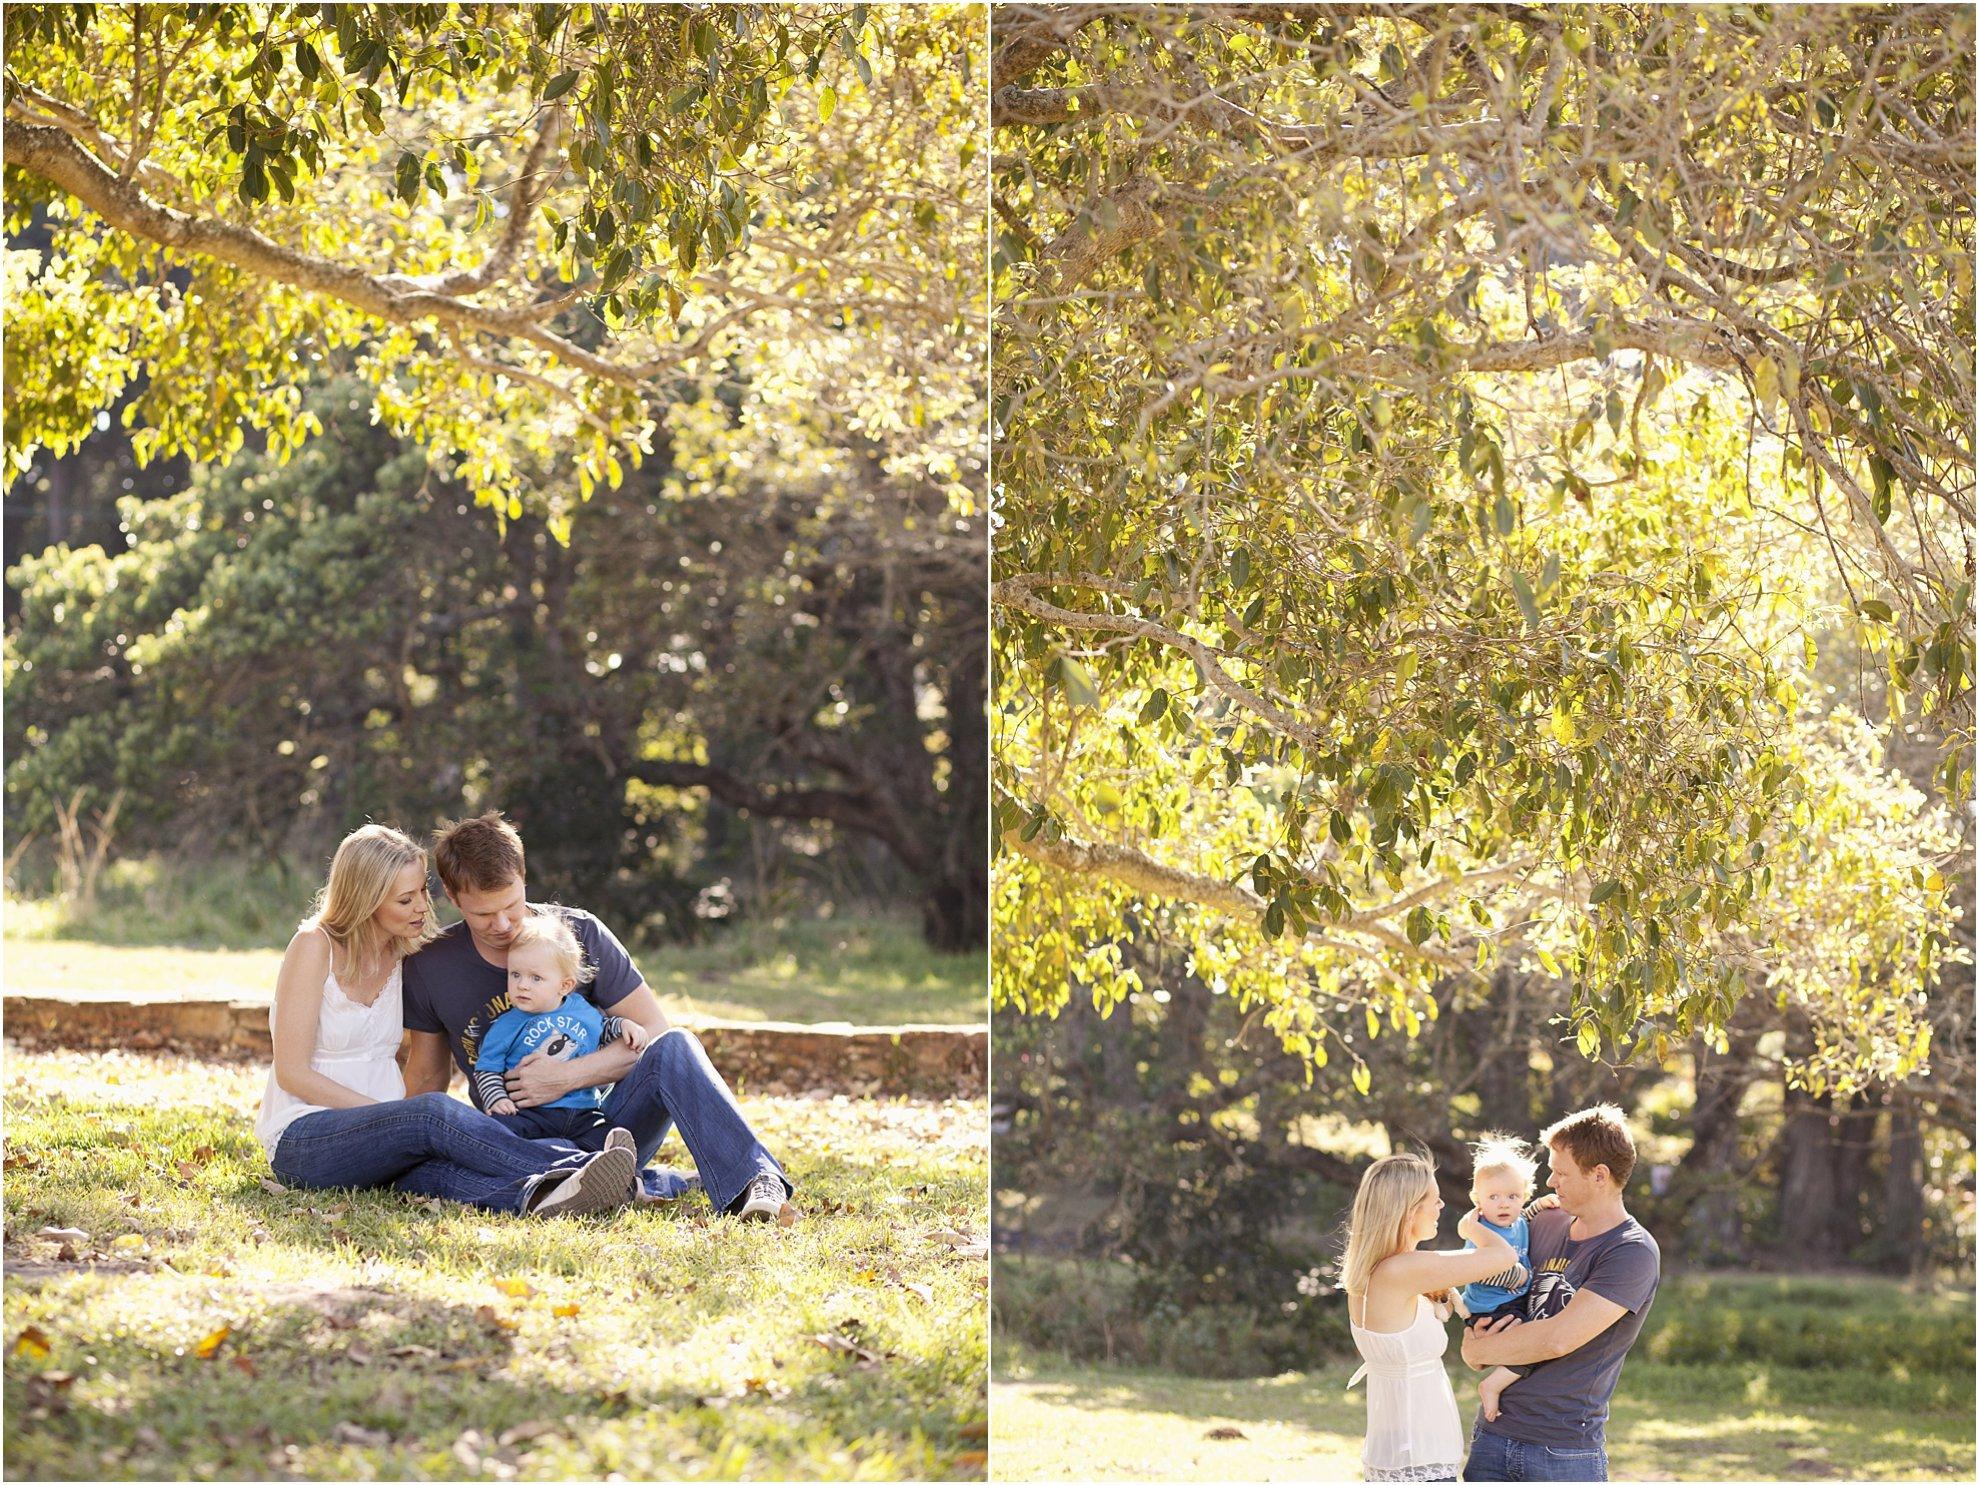 FIONA CLAIR PHOTOGRAPHY Bryan & Stacey Rennie 06 06 2013_0369